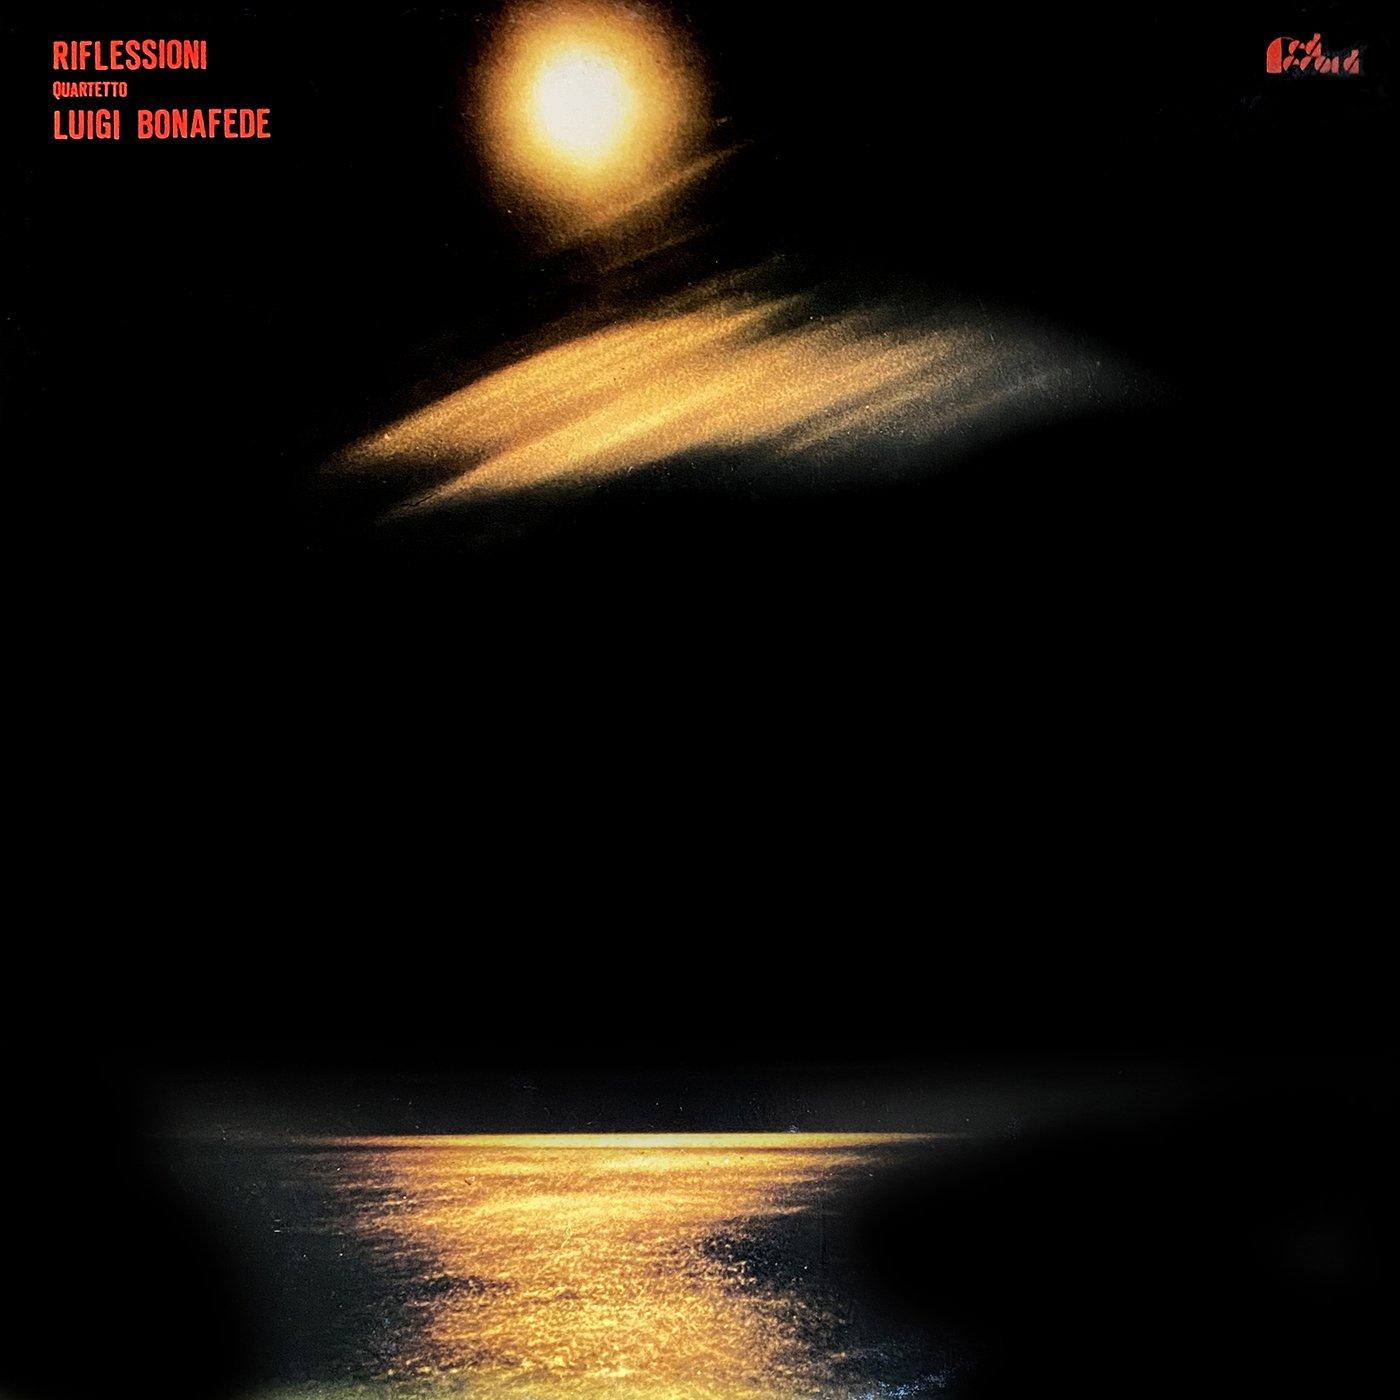 Riflessioni - Quartetto Luigi Bonafede